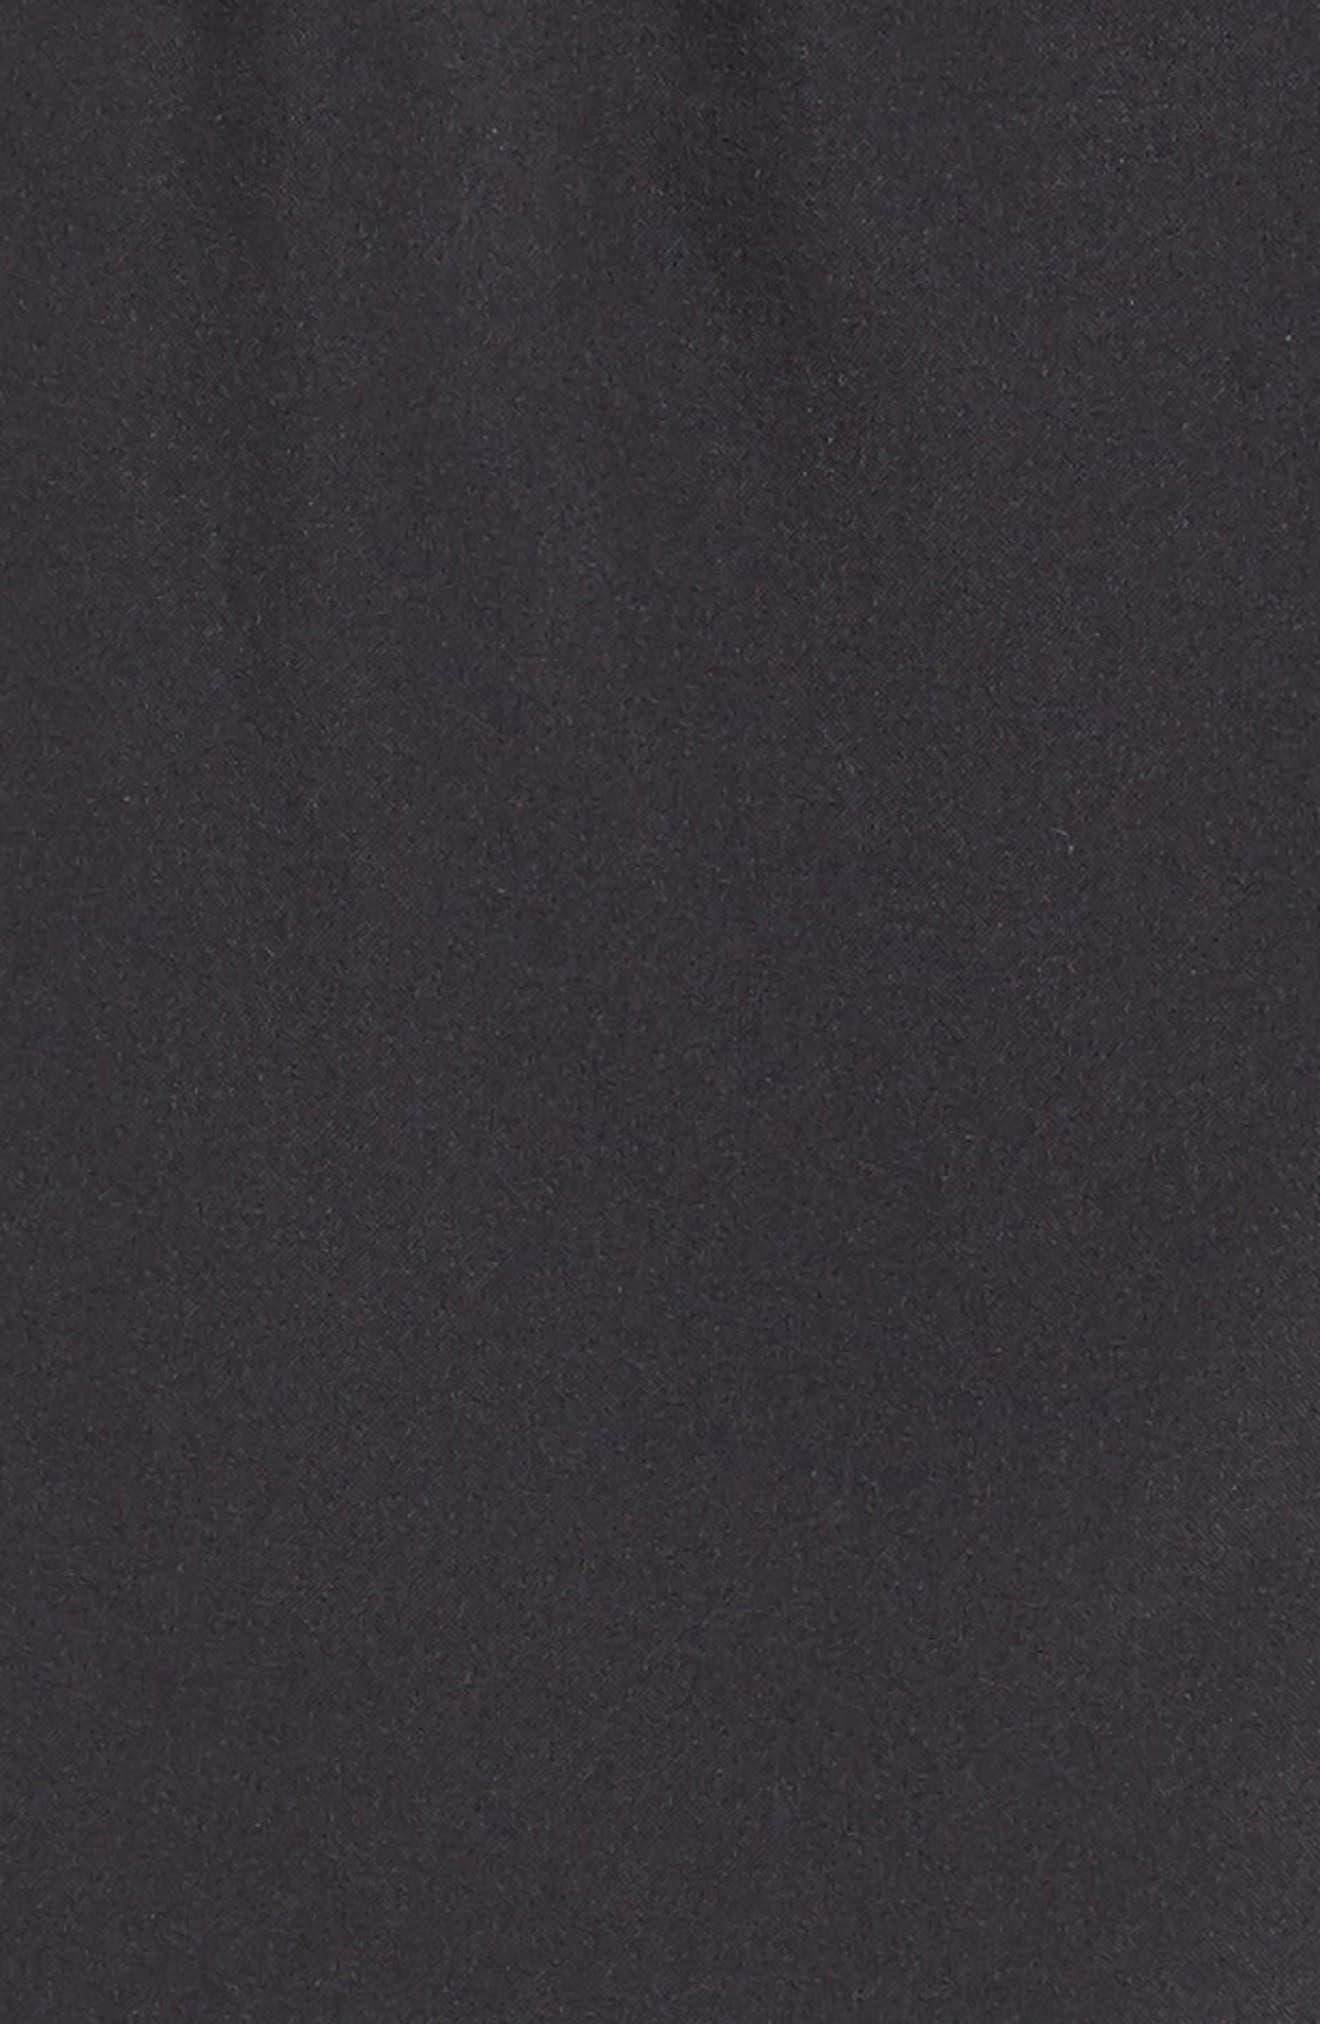 Runaround Compact Shorts,                             Alternate thumbnail 5, color,                             001